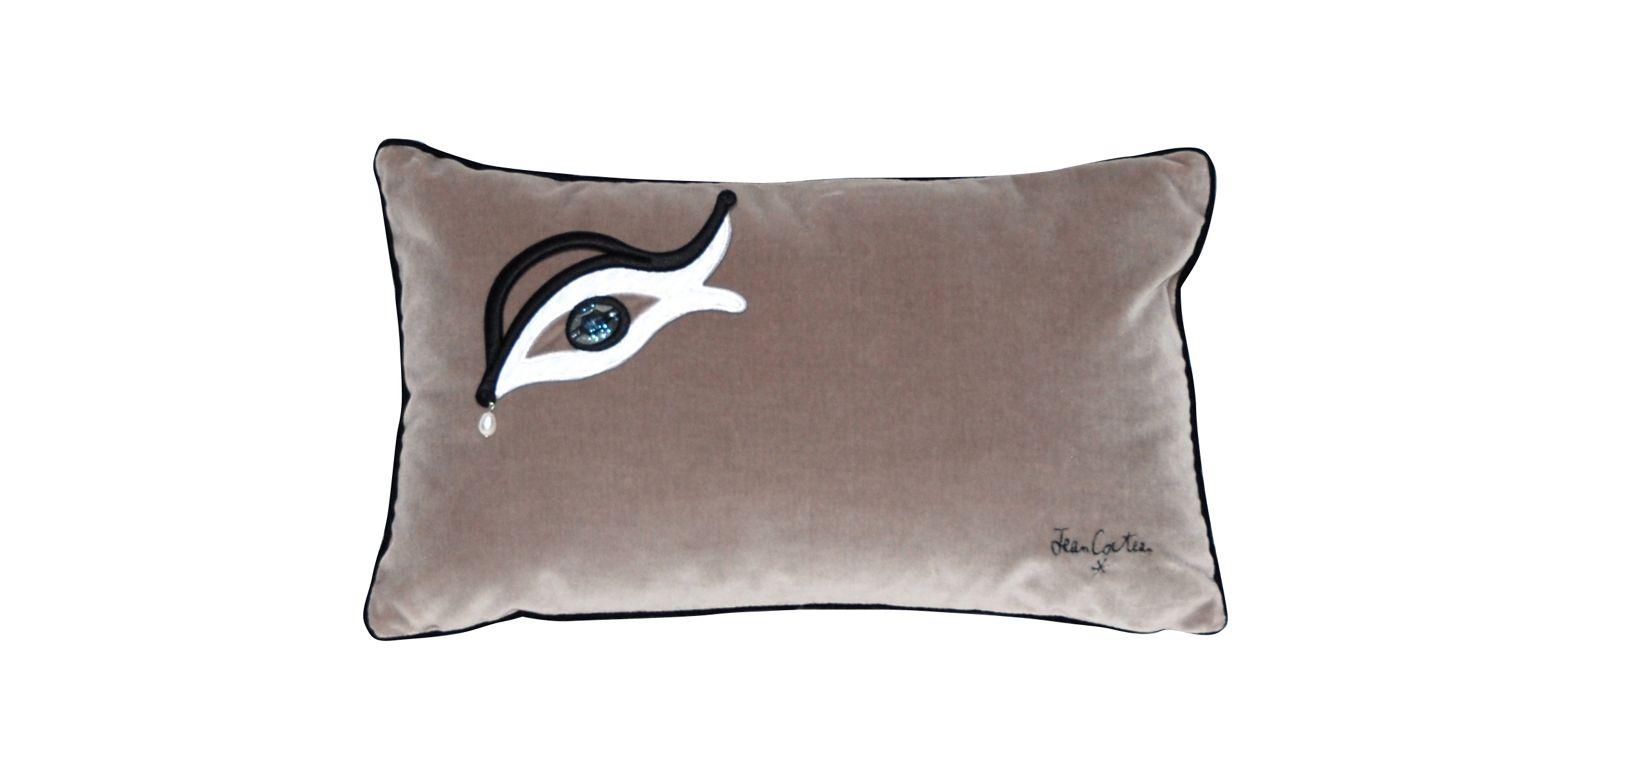 coussin l 39 oeil jean cocteau roche bobois. Black Bedroom Furniture Sets. Home Design Ideas